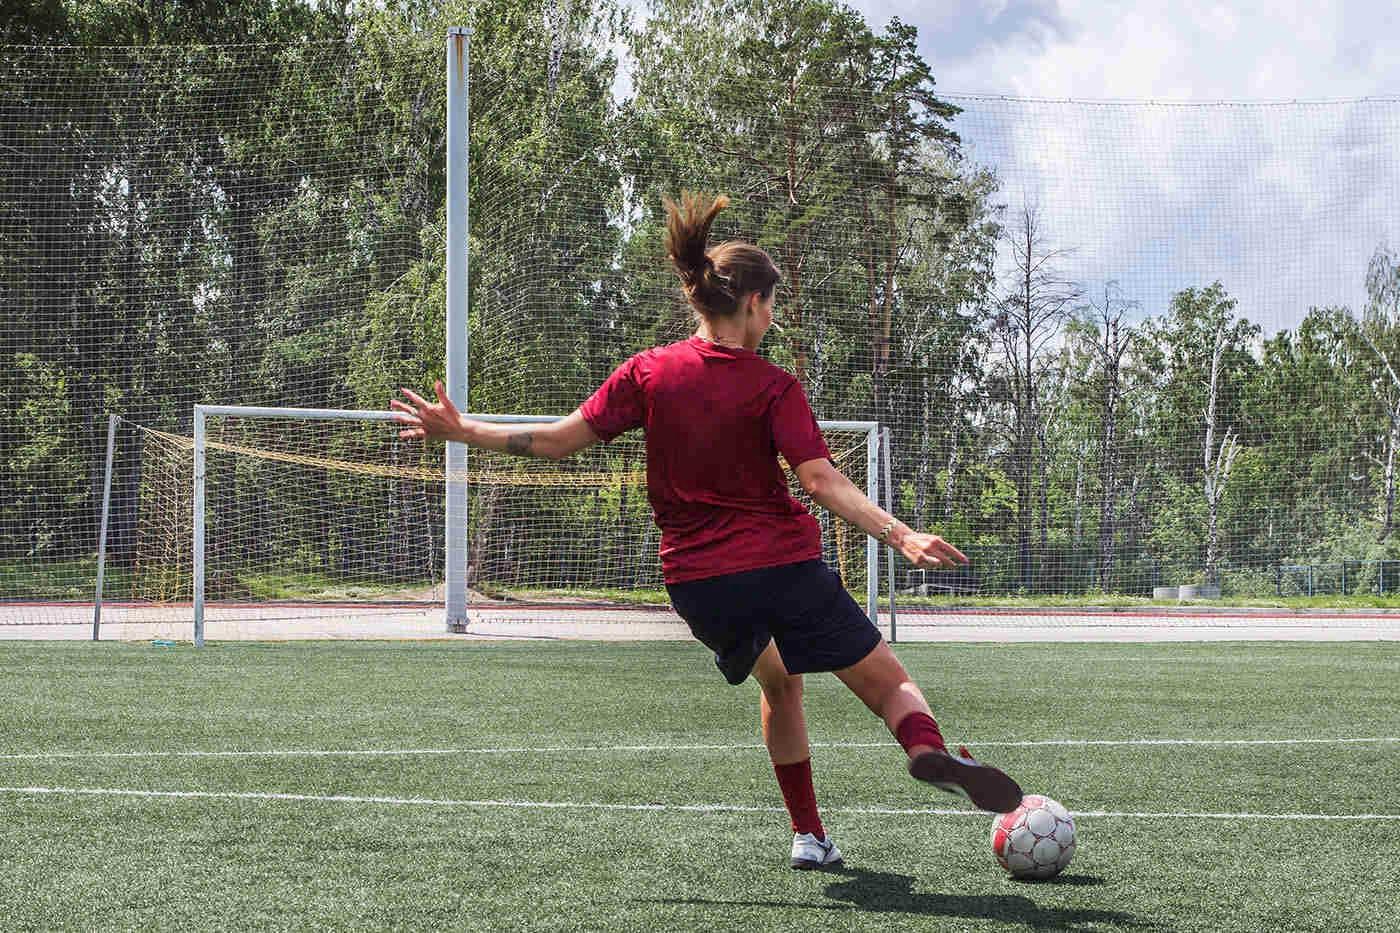 Fotbalul și handbalul pot prelungi durata de viață a femeilor